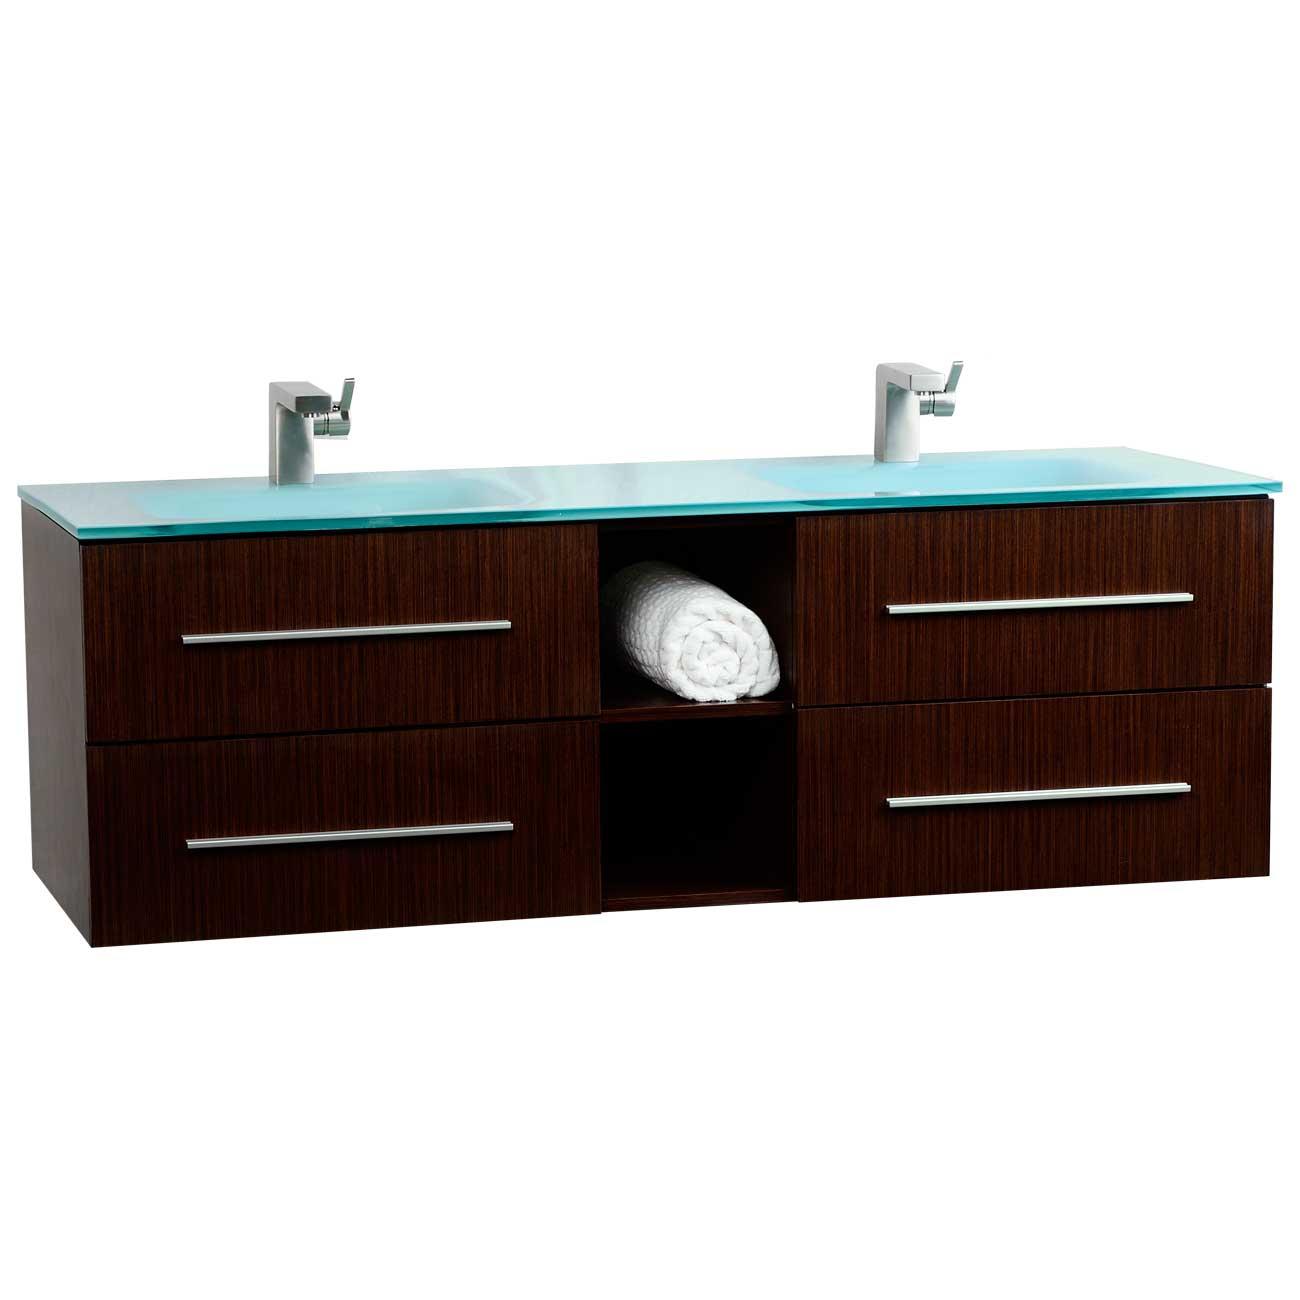 Savona Solid Wood 60 Wall Mounted Double Bathroom Vanity Set Vm V18183 Irw Iron